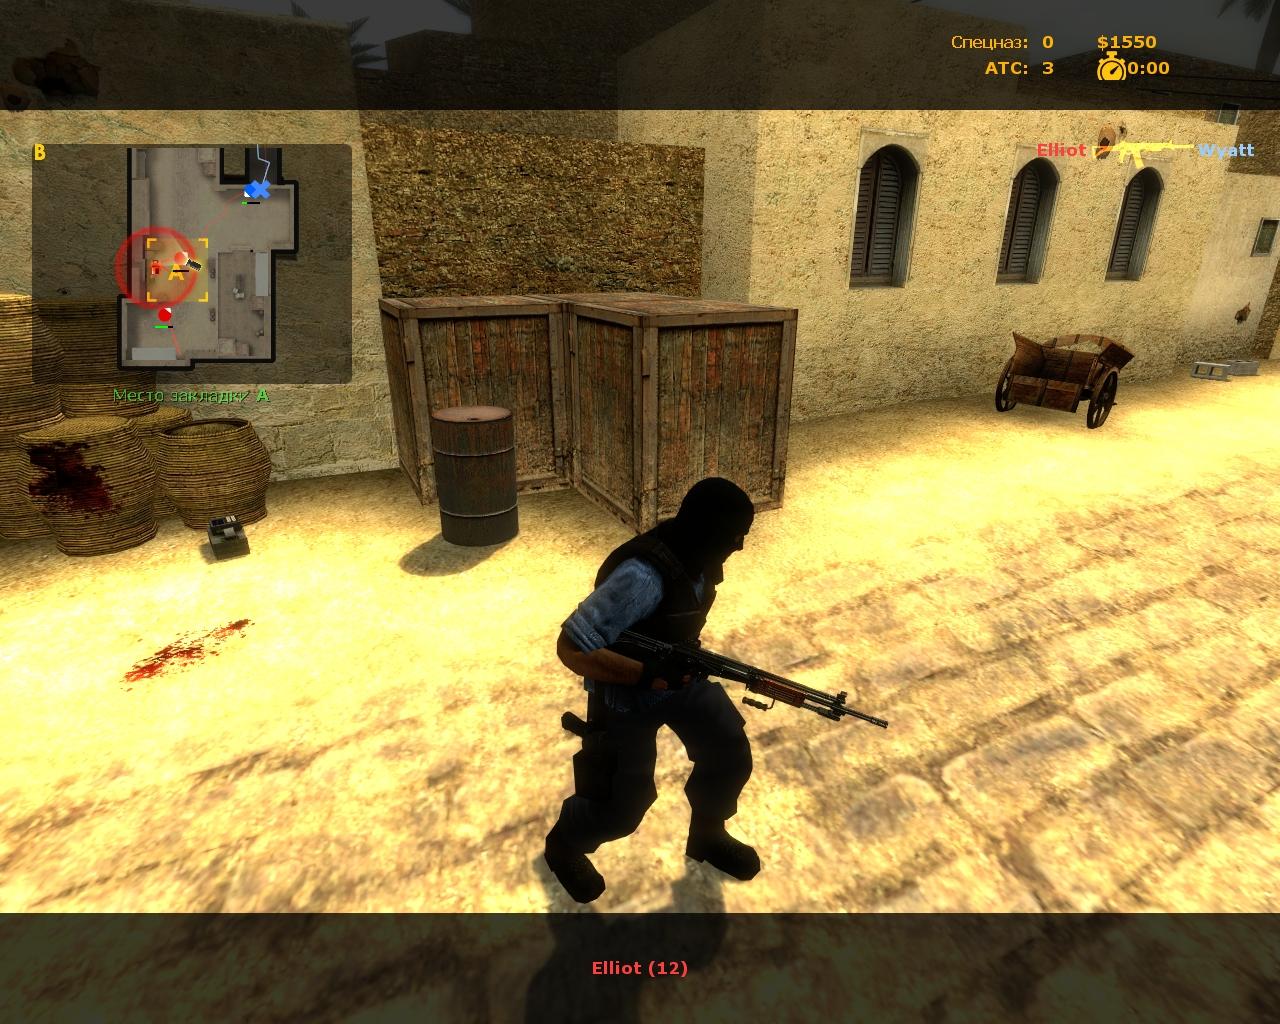 Скачать Counter-Strike: Source v34 » Статьи » 21